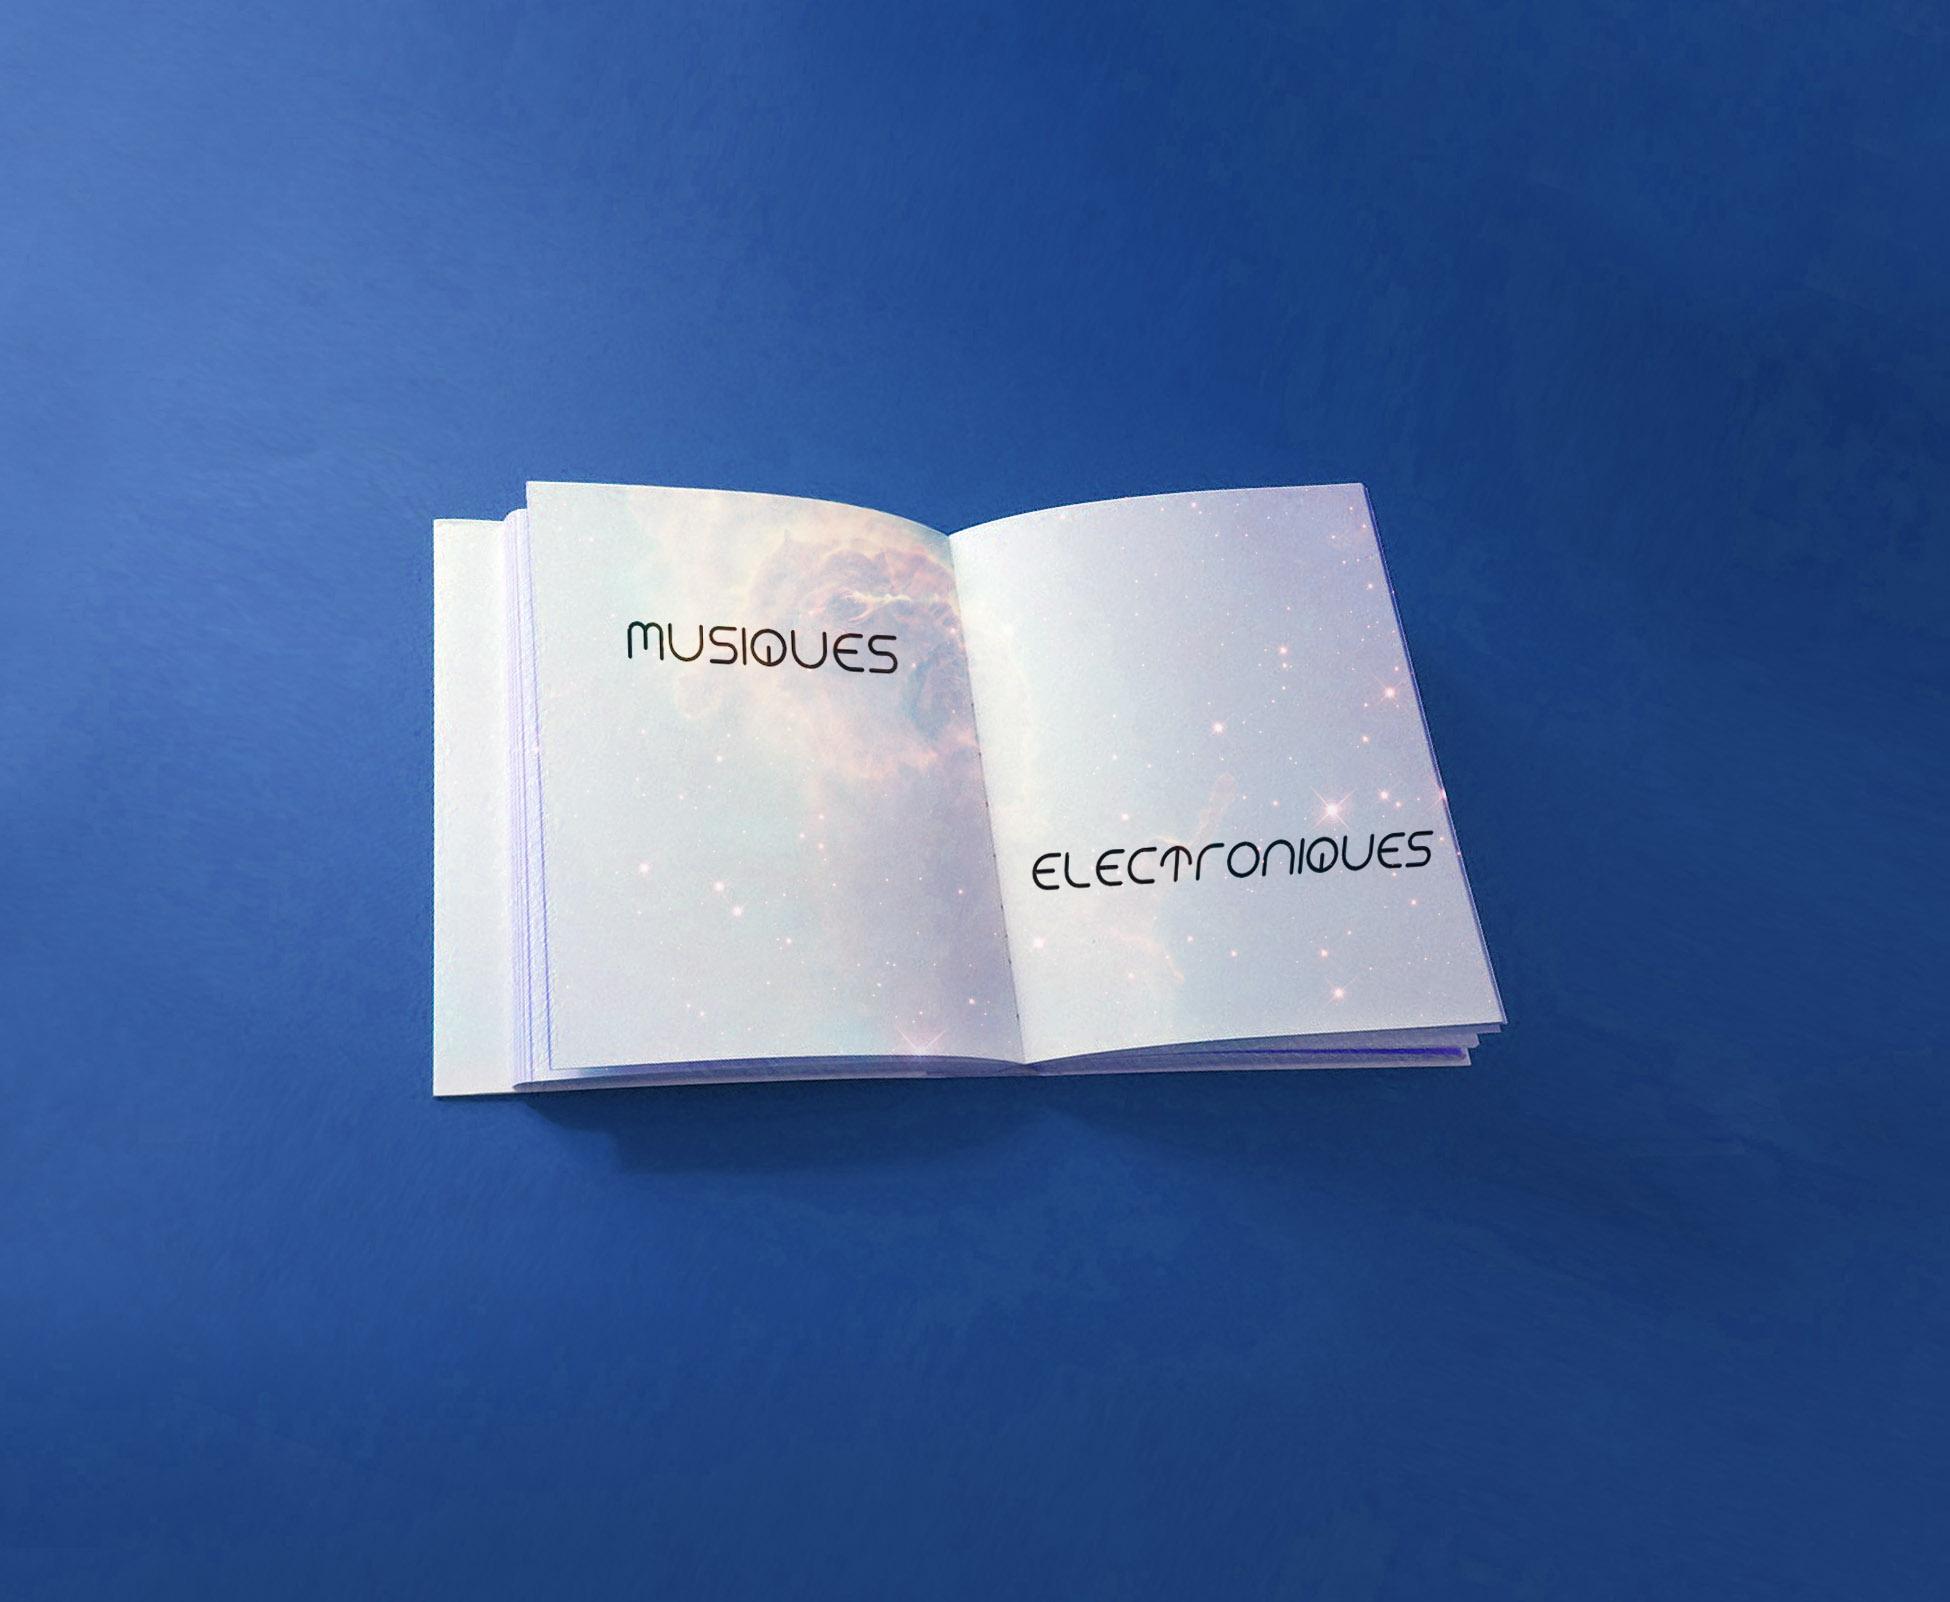 quifondbrique-fond-musiques-electroniques-min